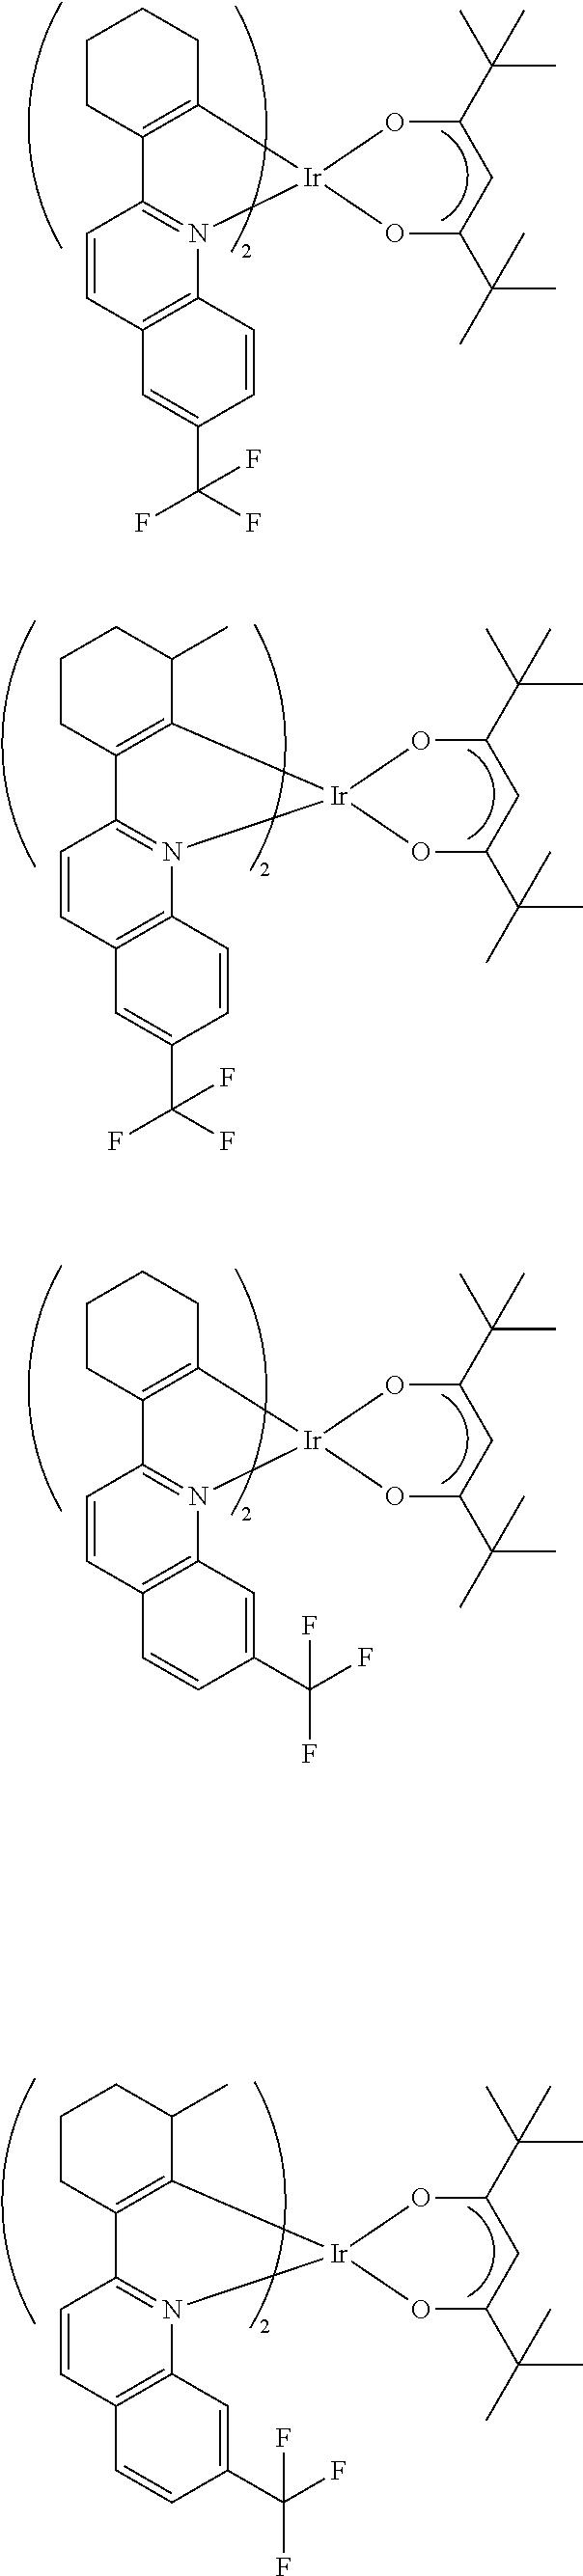 Figure US09324958-20160426-C00072